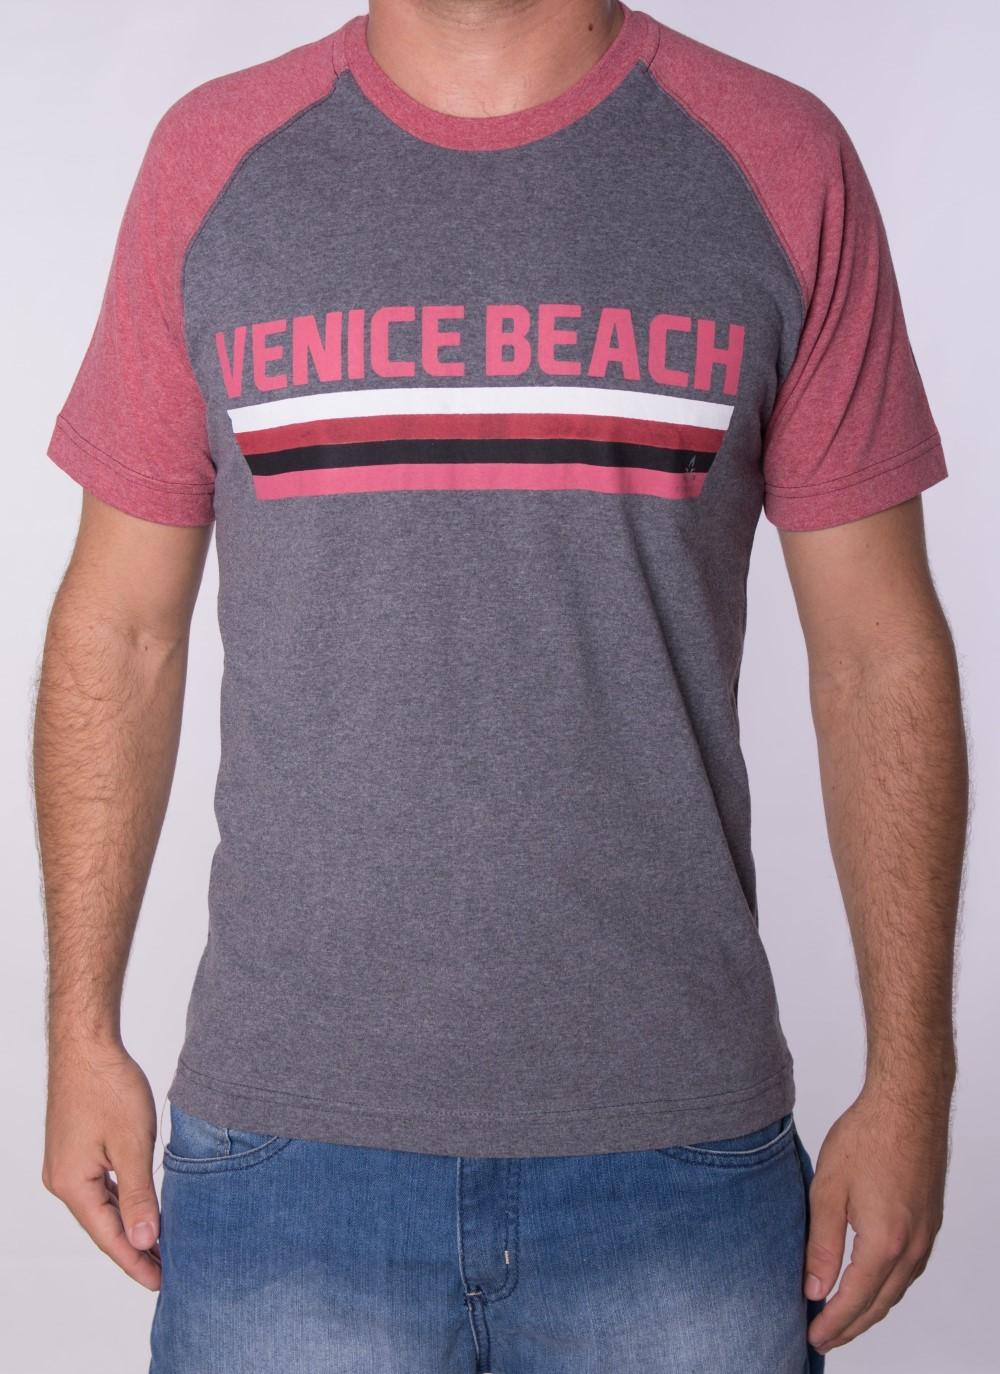 Camiseta Barrocco Venice Beach Mescla Escuro